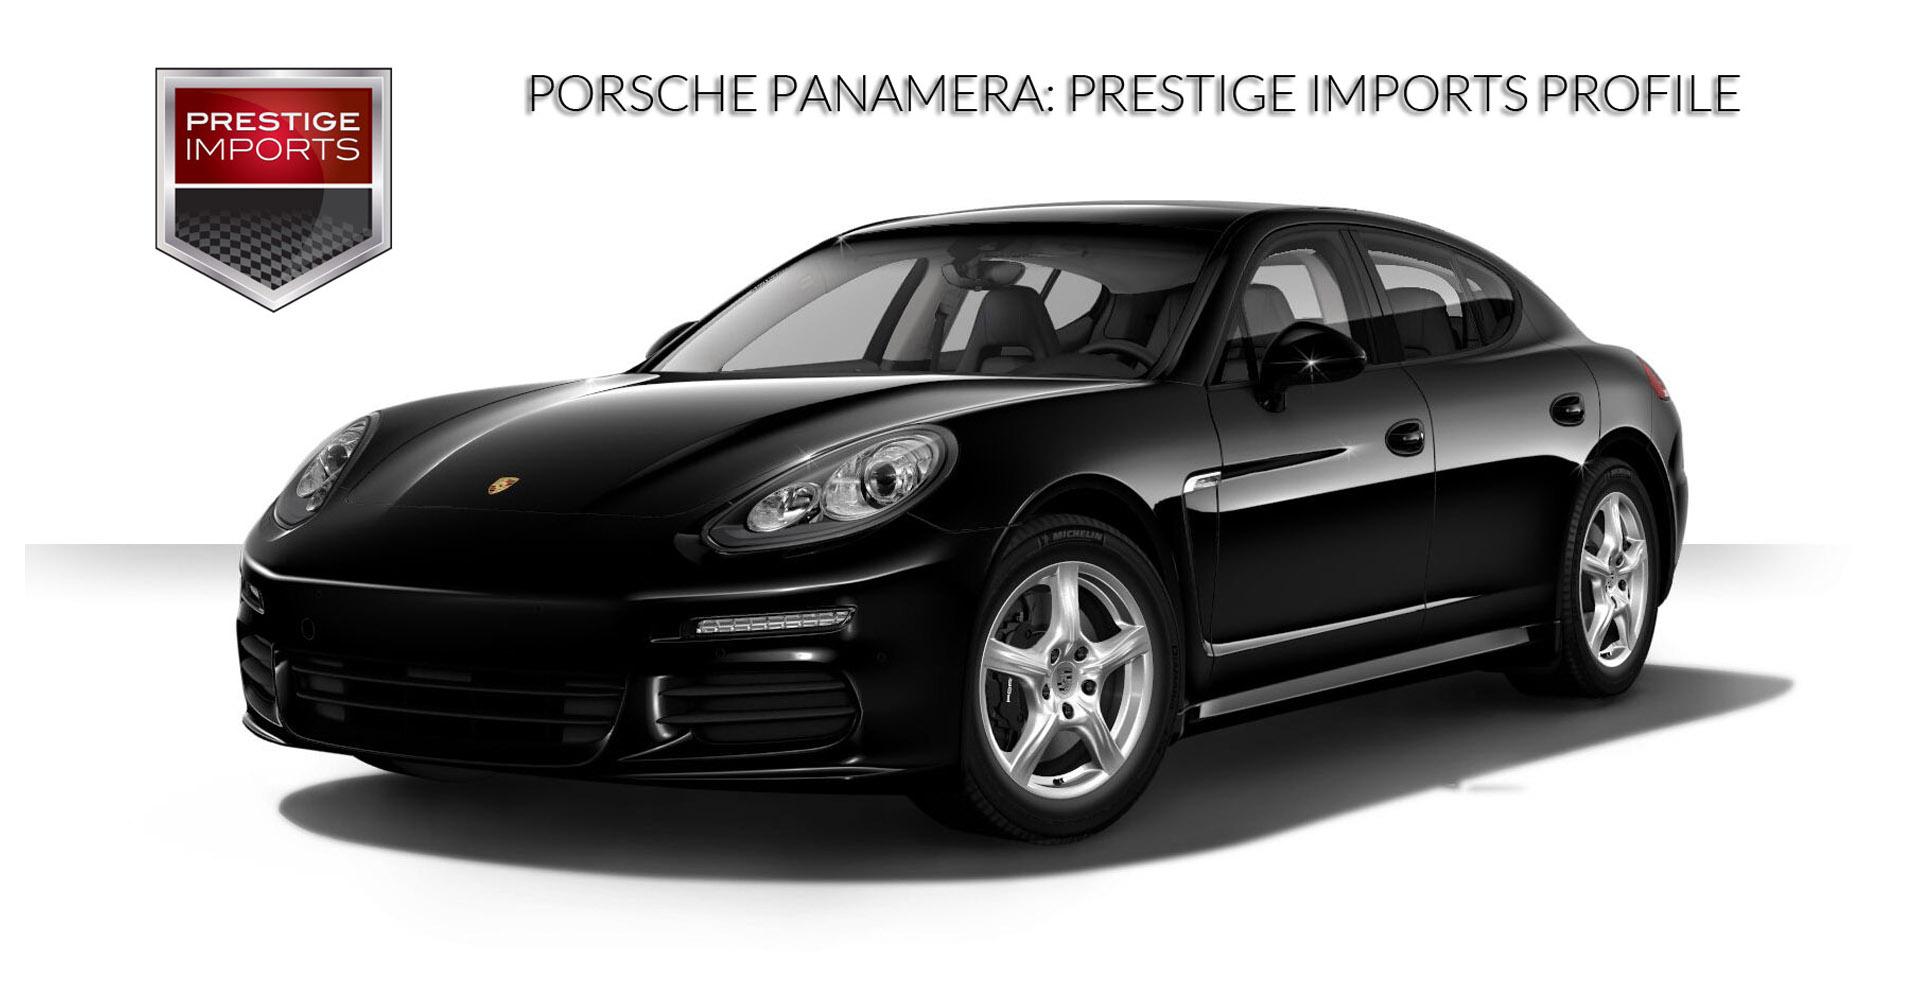 Porsche Panamera Prestige Imports Profile